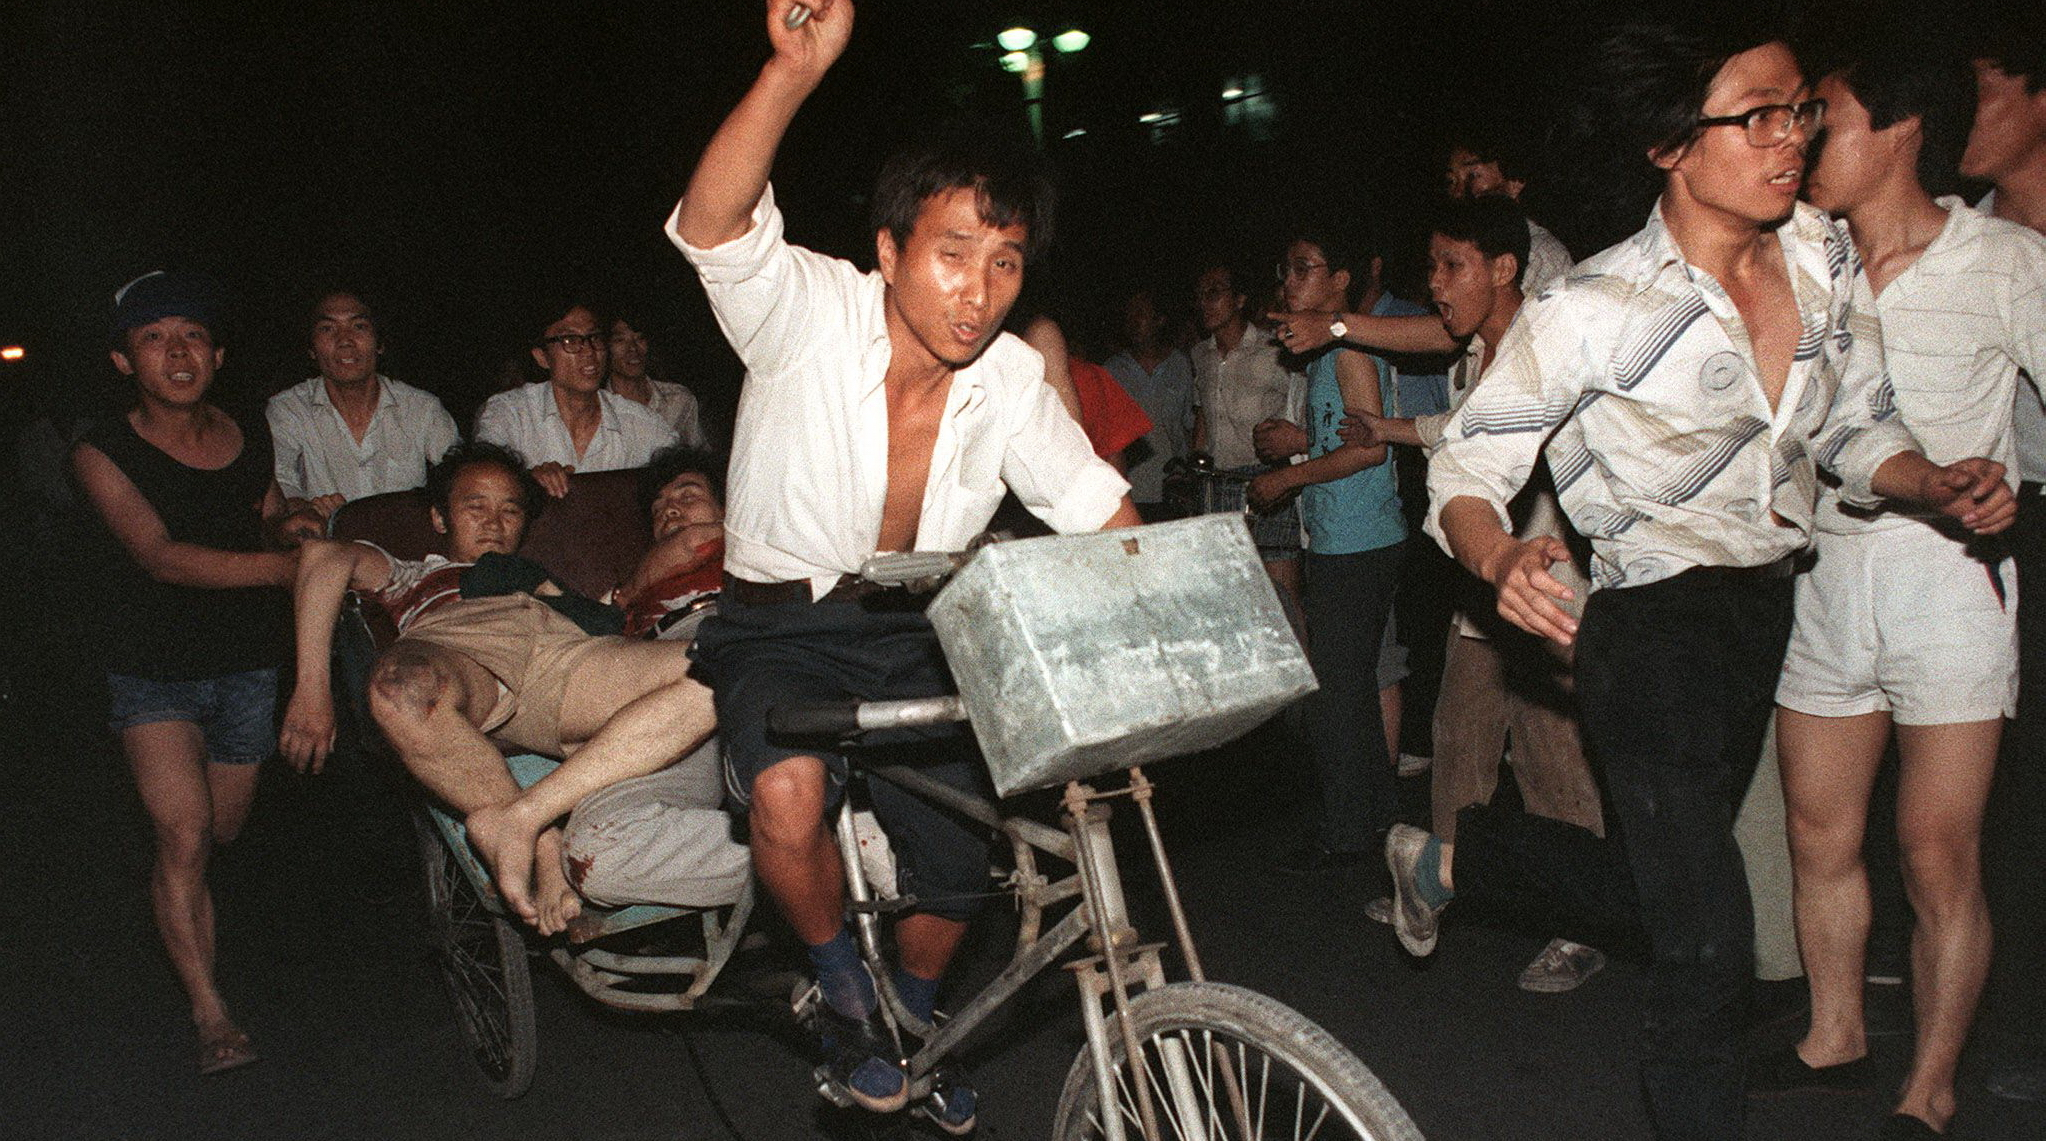 51345651 - В КНР требуют рассекретить информацию о бойне на Тяньаньмэнь